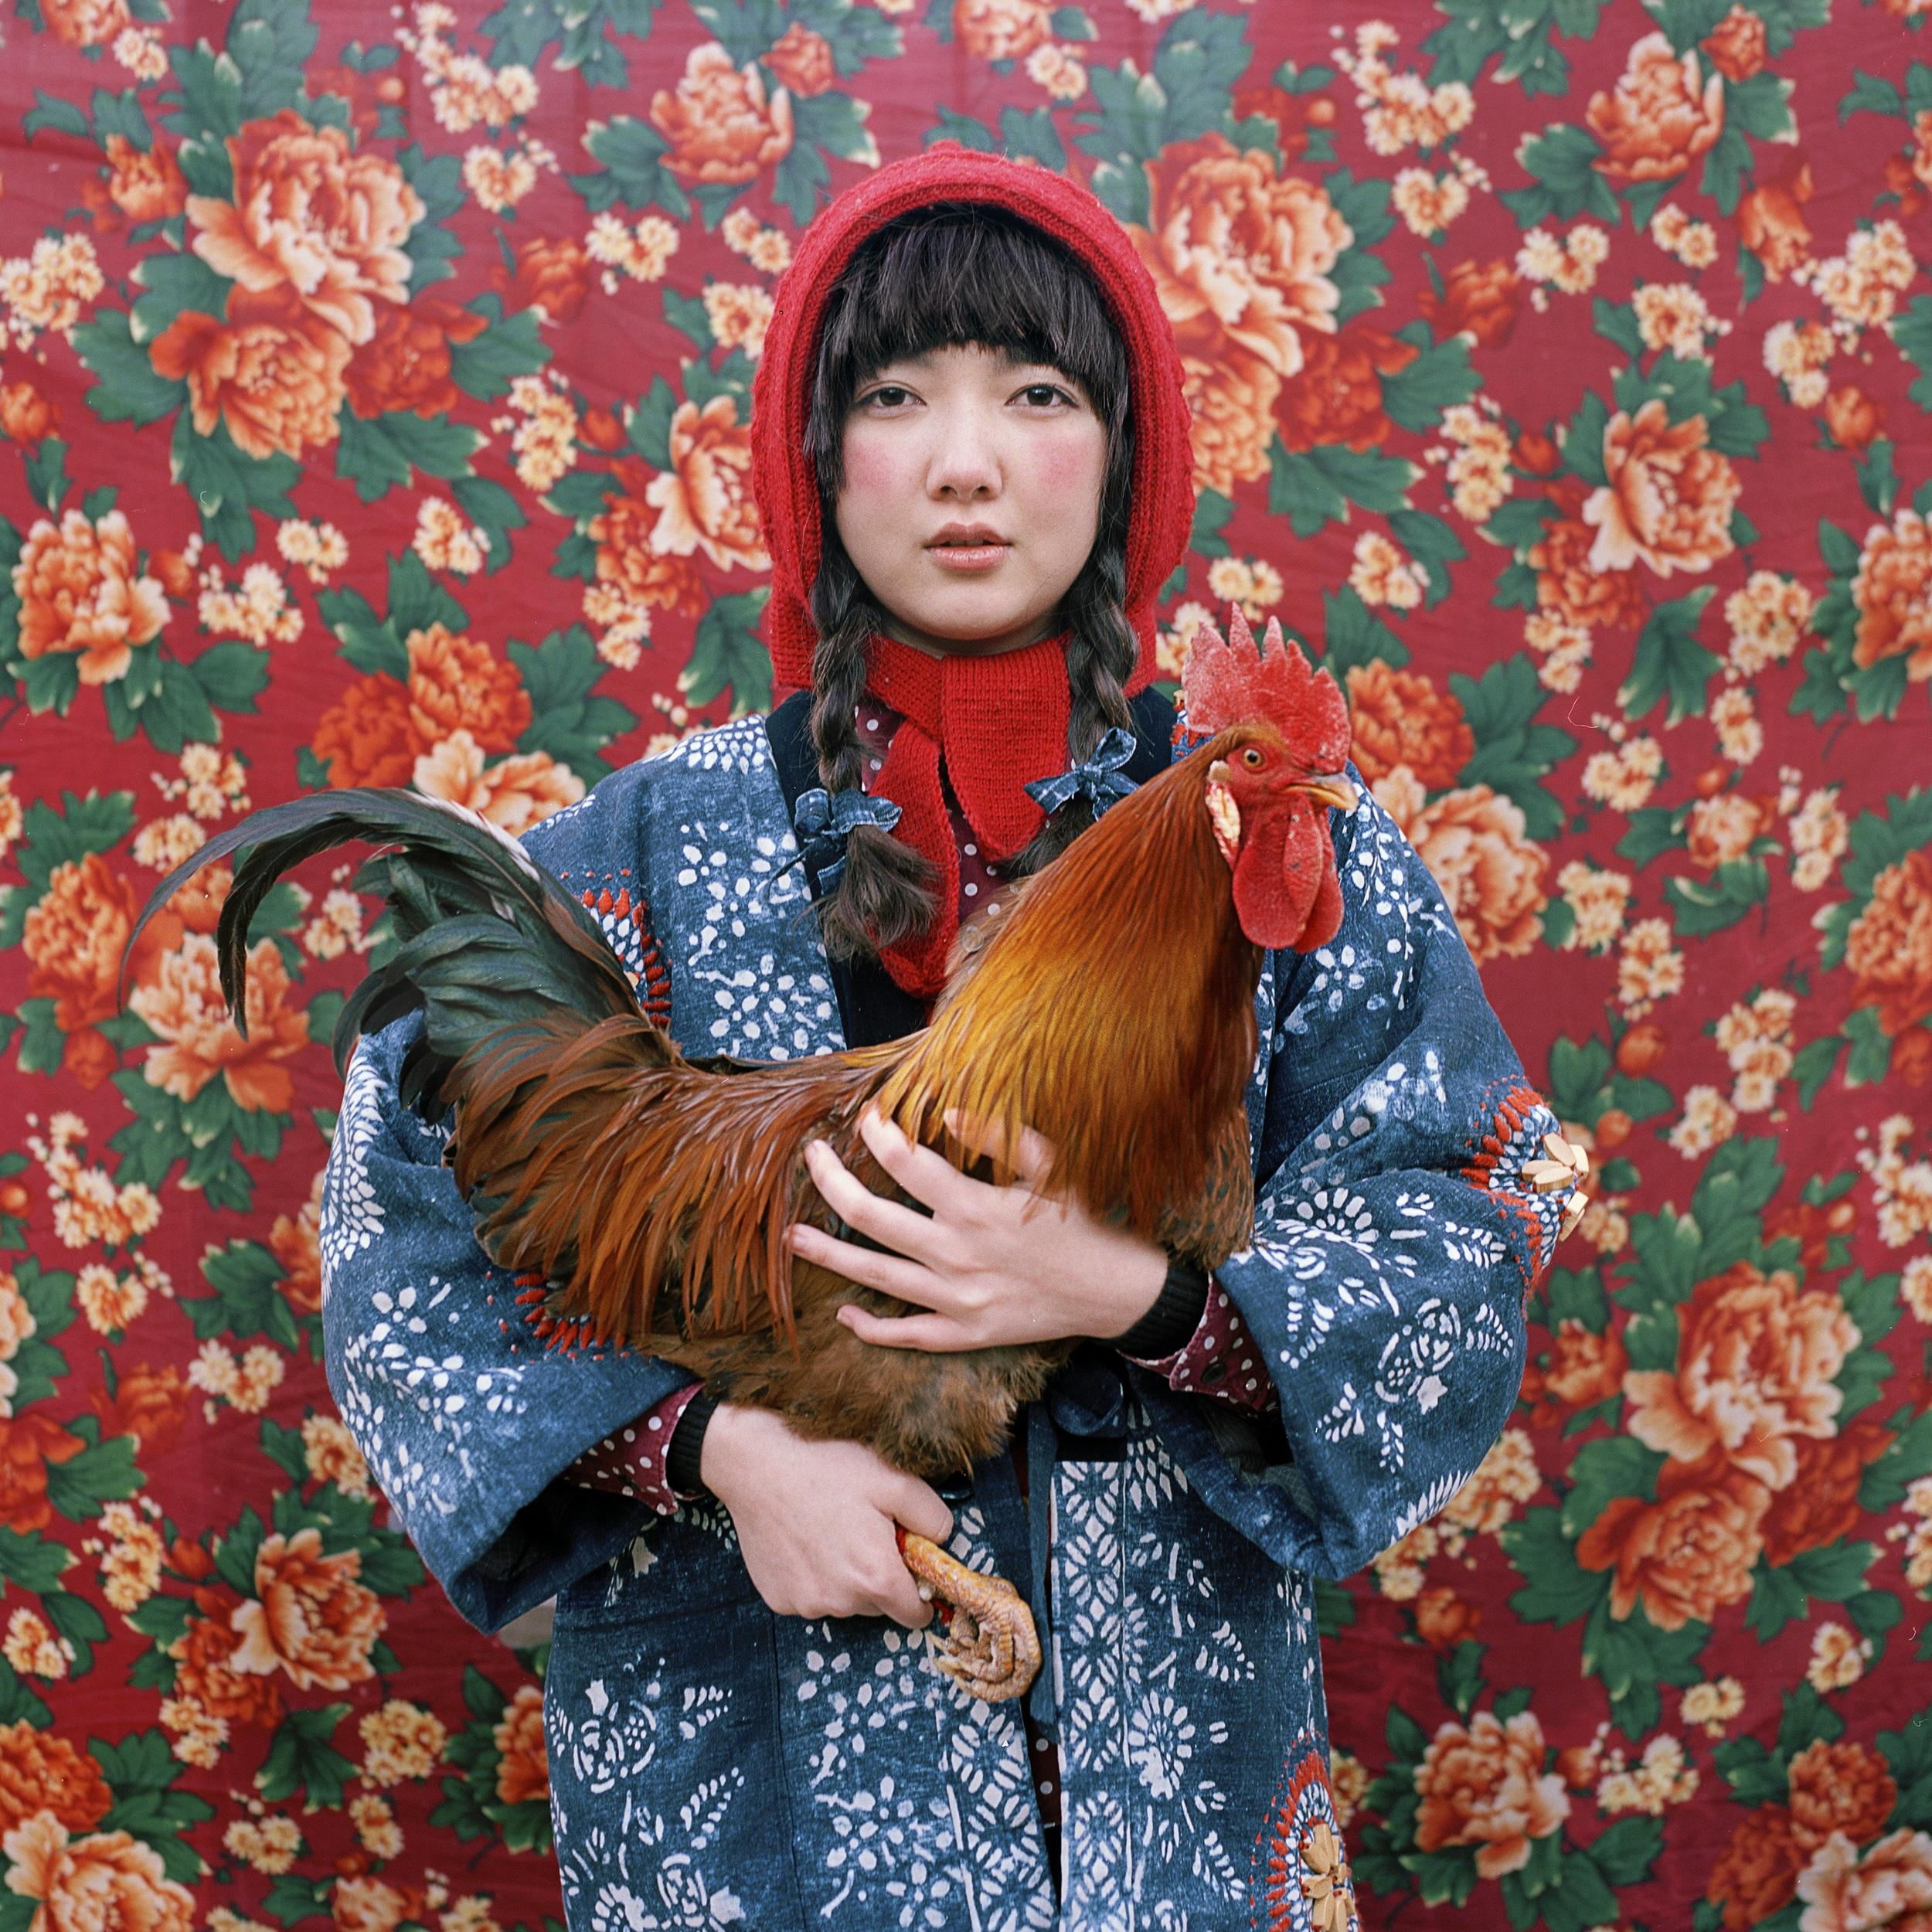 Shuwei Liu, photographer